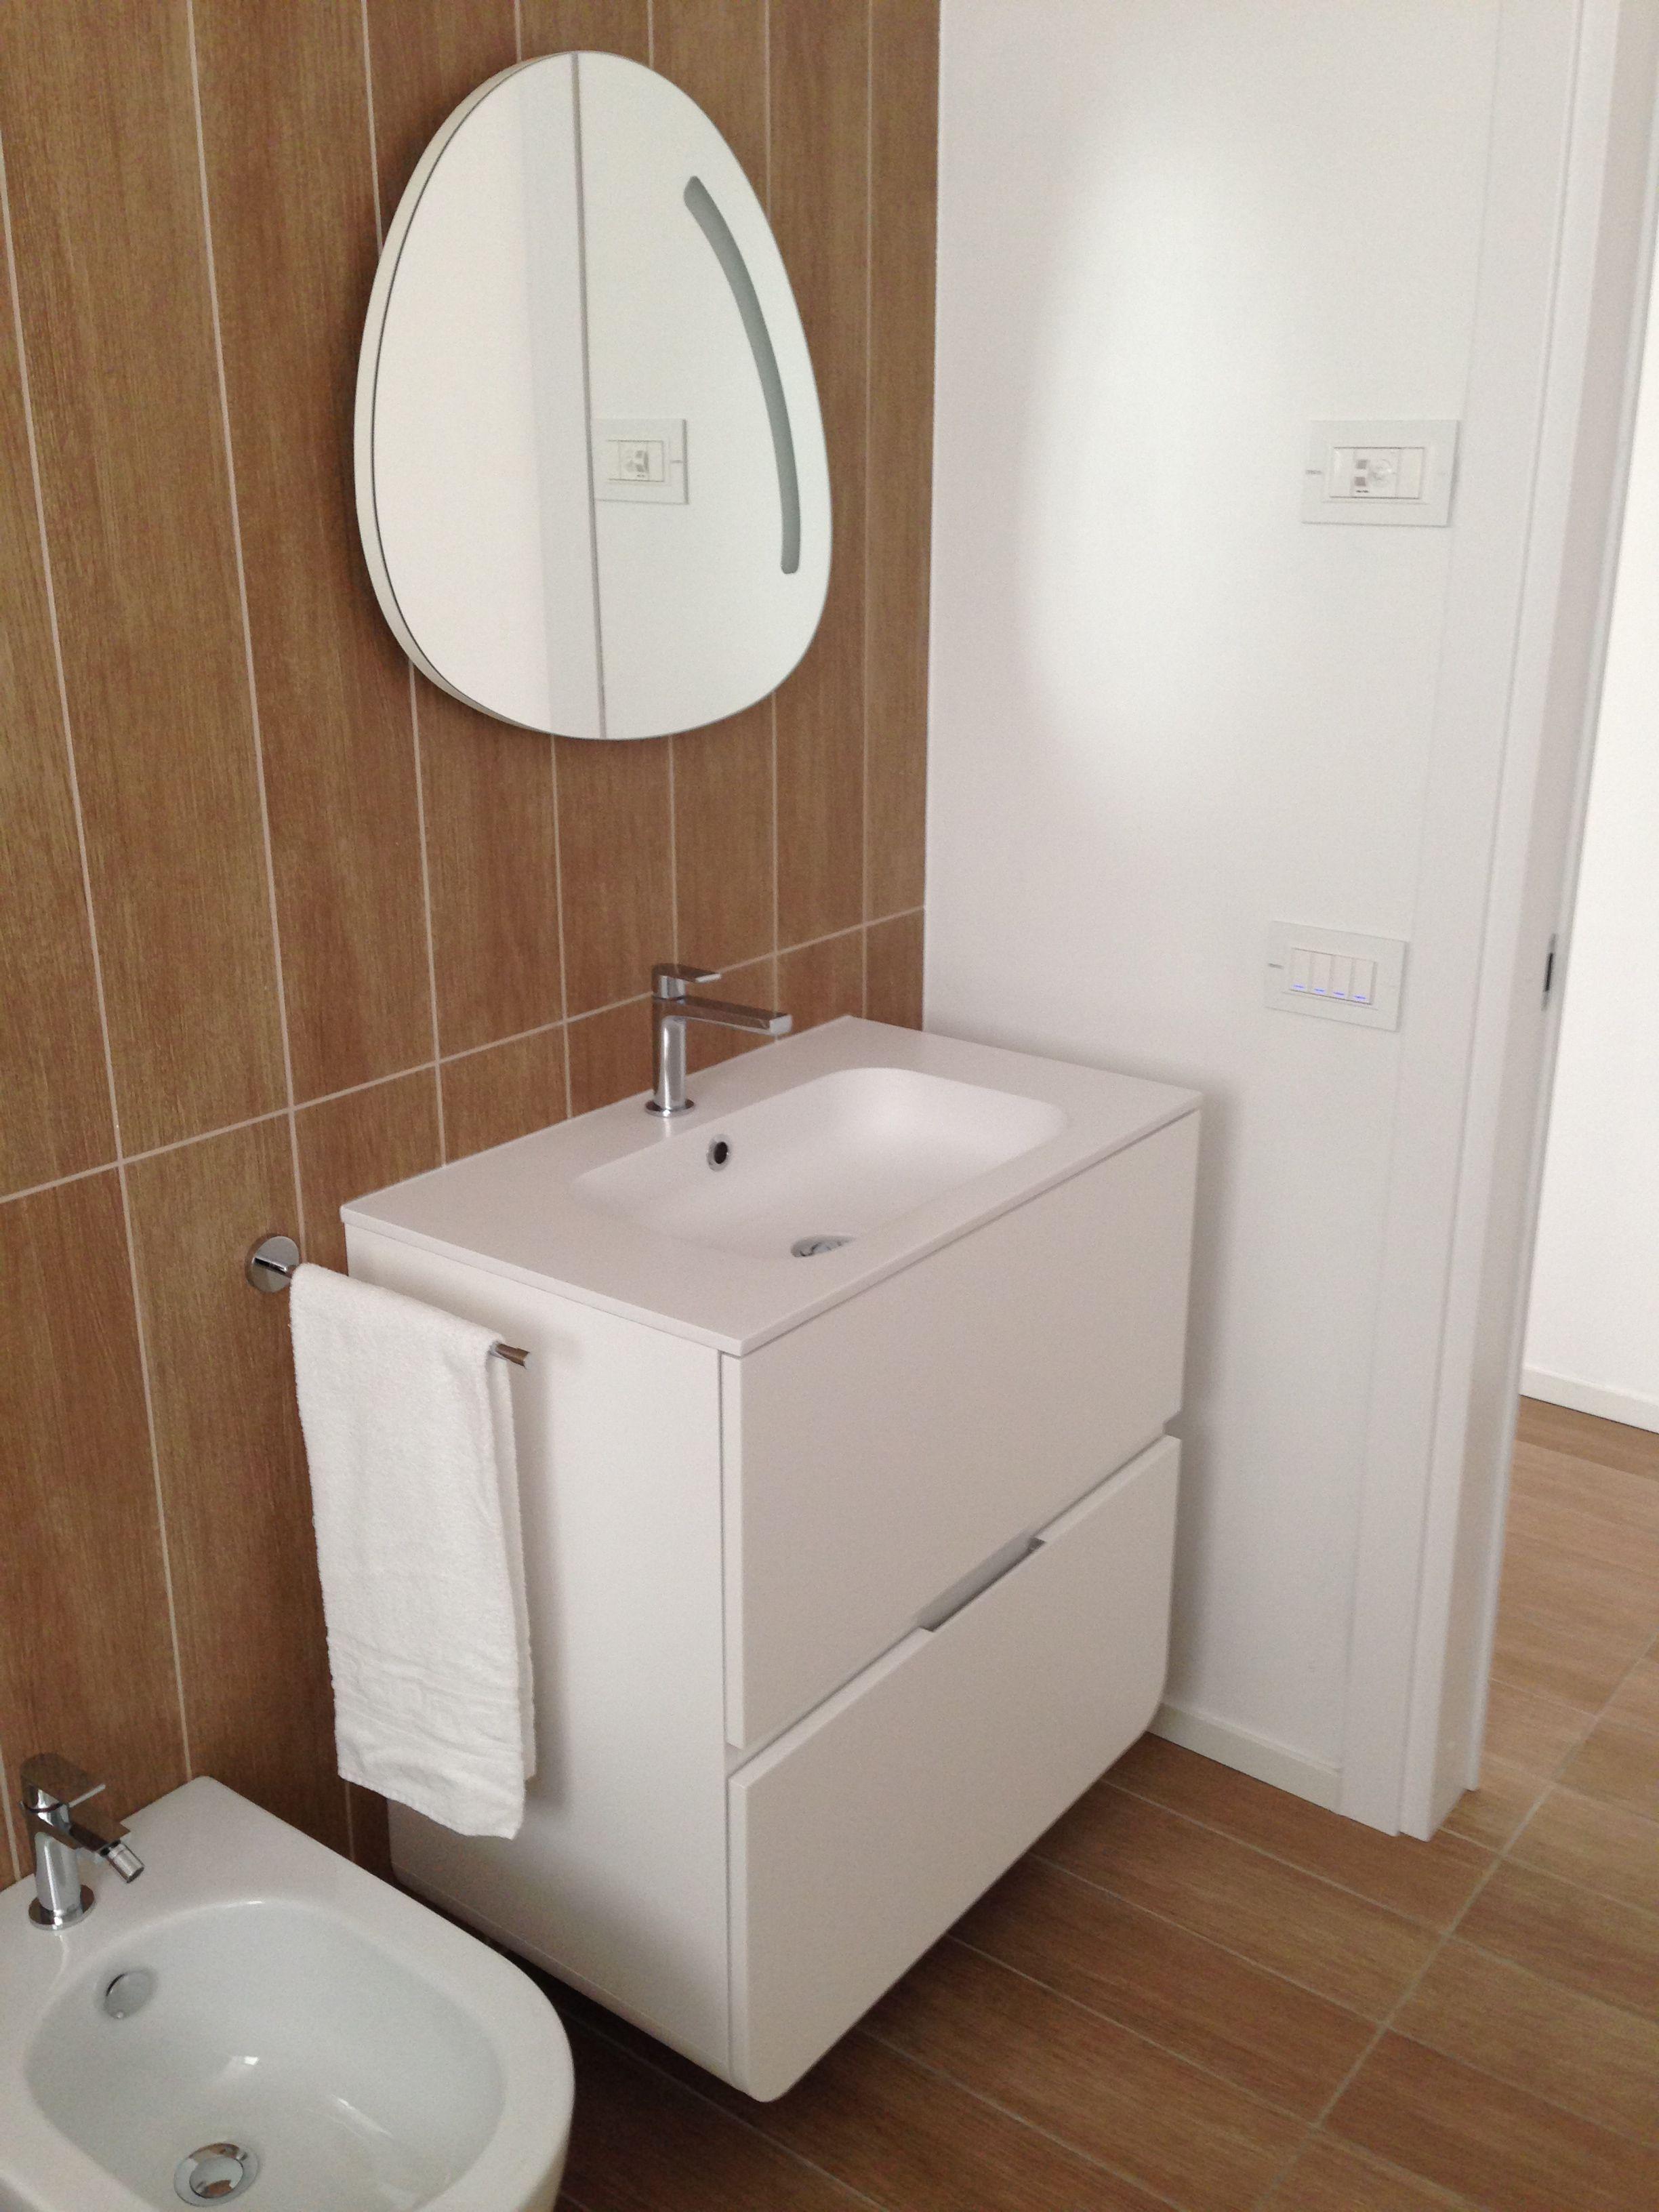 Toll Badezimmer Im Hotel Marina Verde In Caorle, Gessi Armaturen Mit Corian  Waschtischen